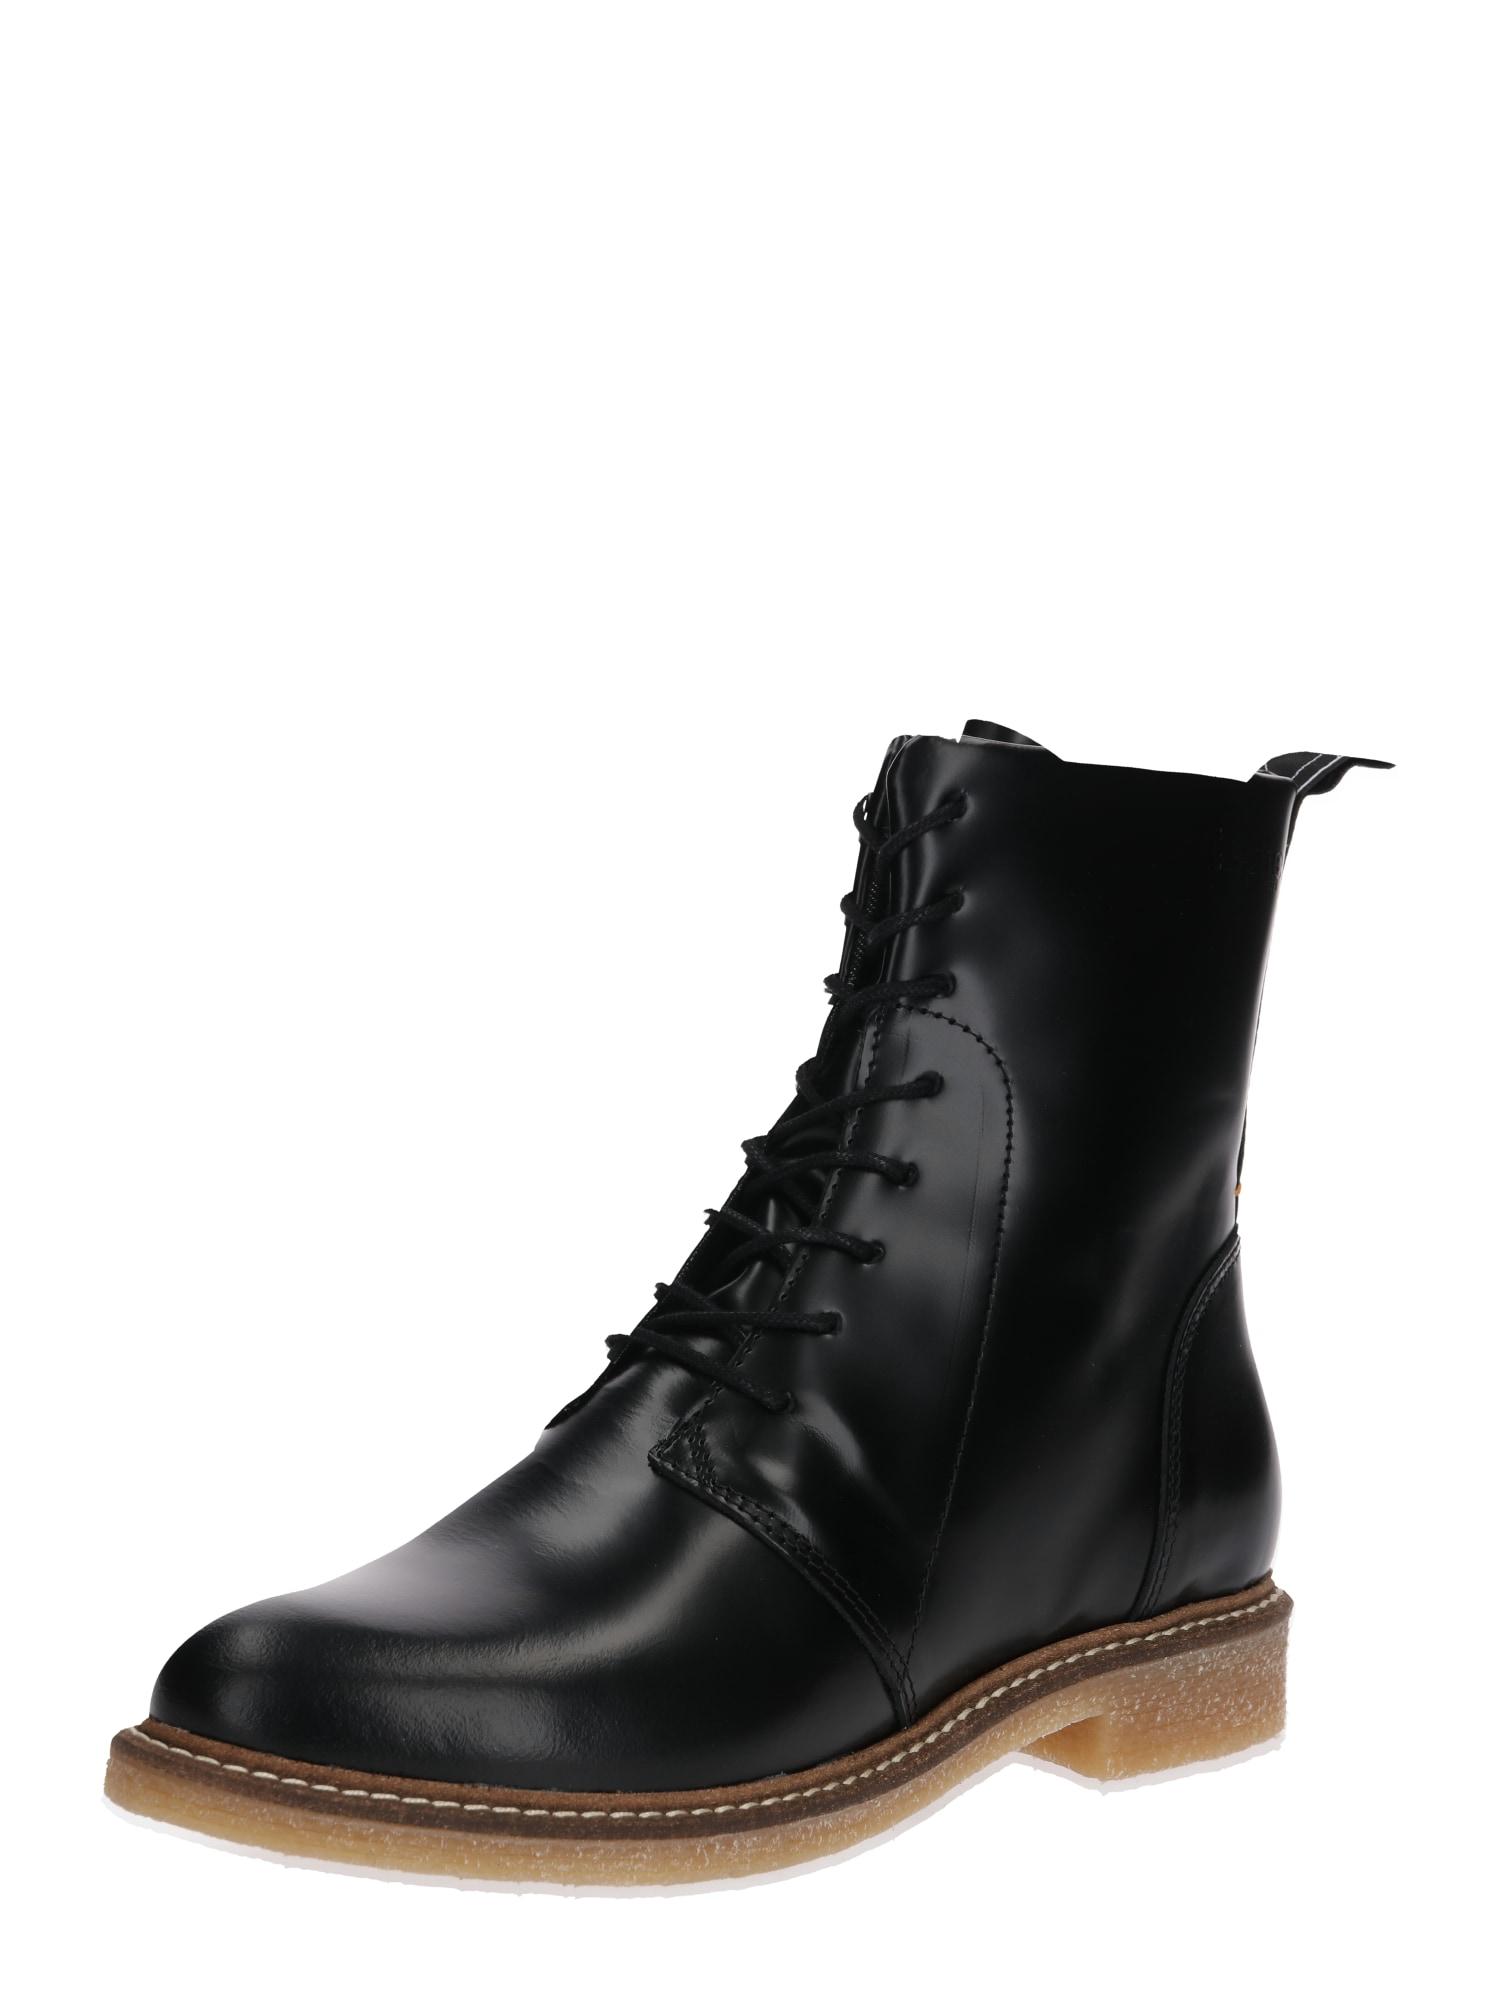 Šněrovací boty Vagos černá HUB